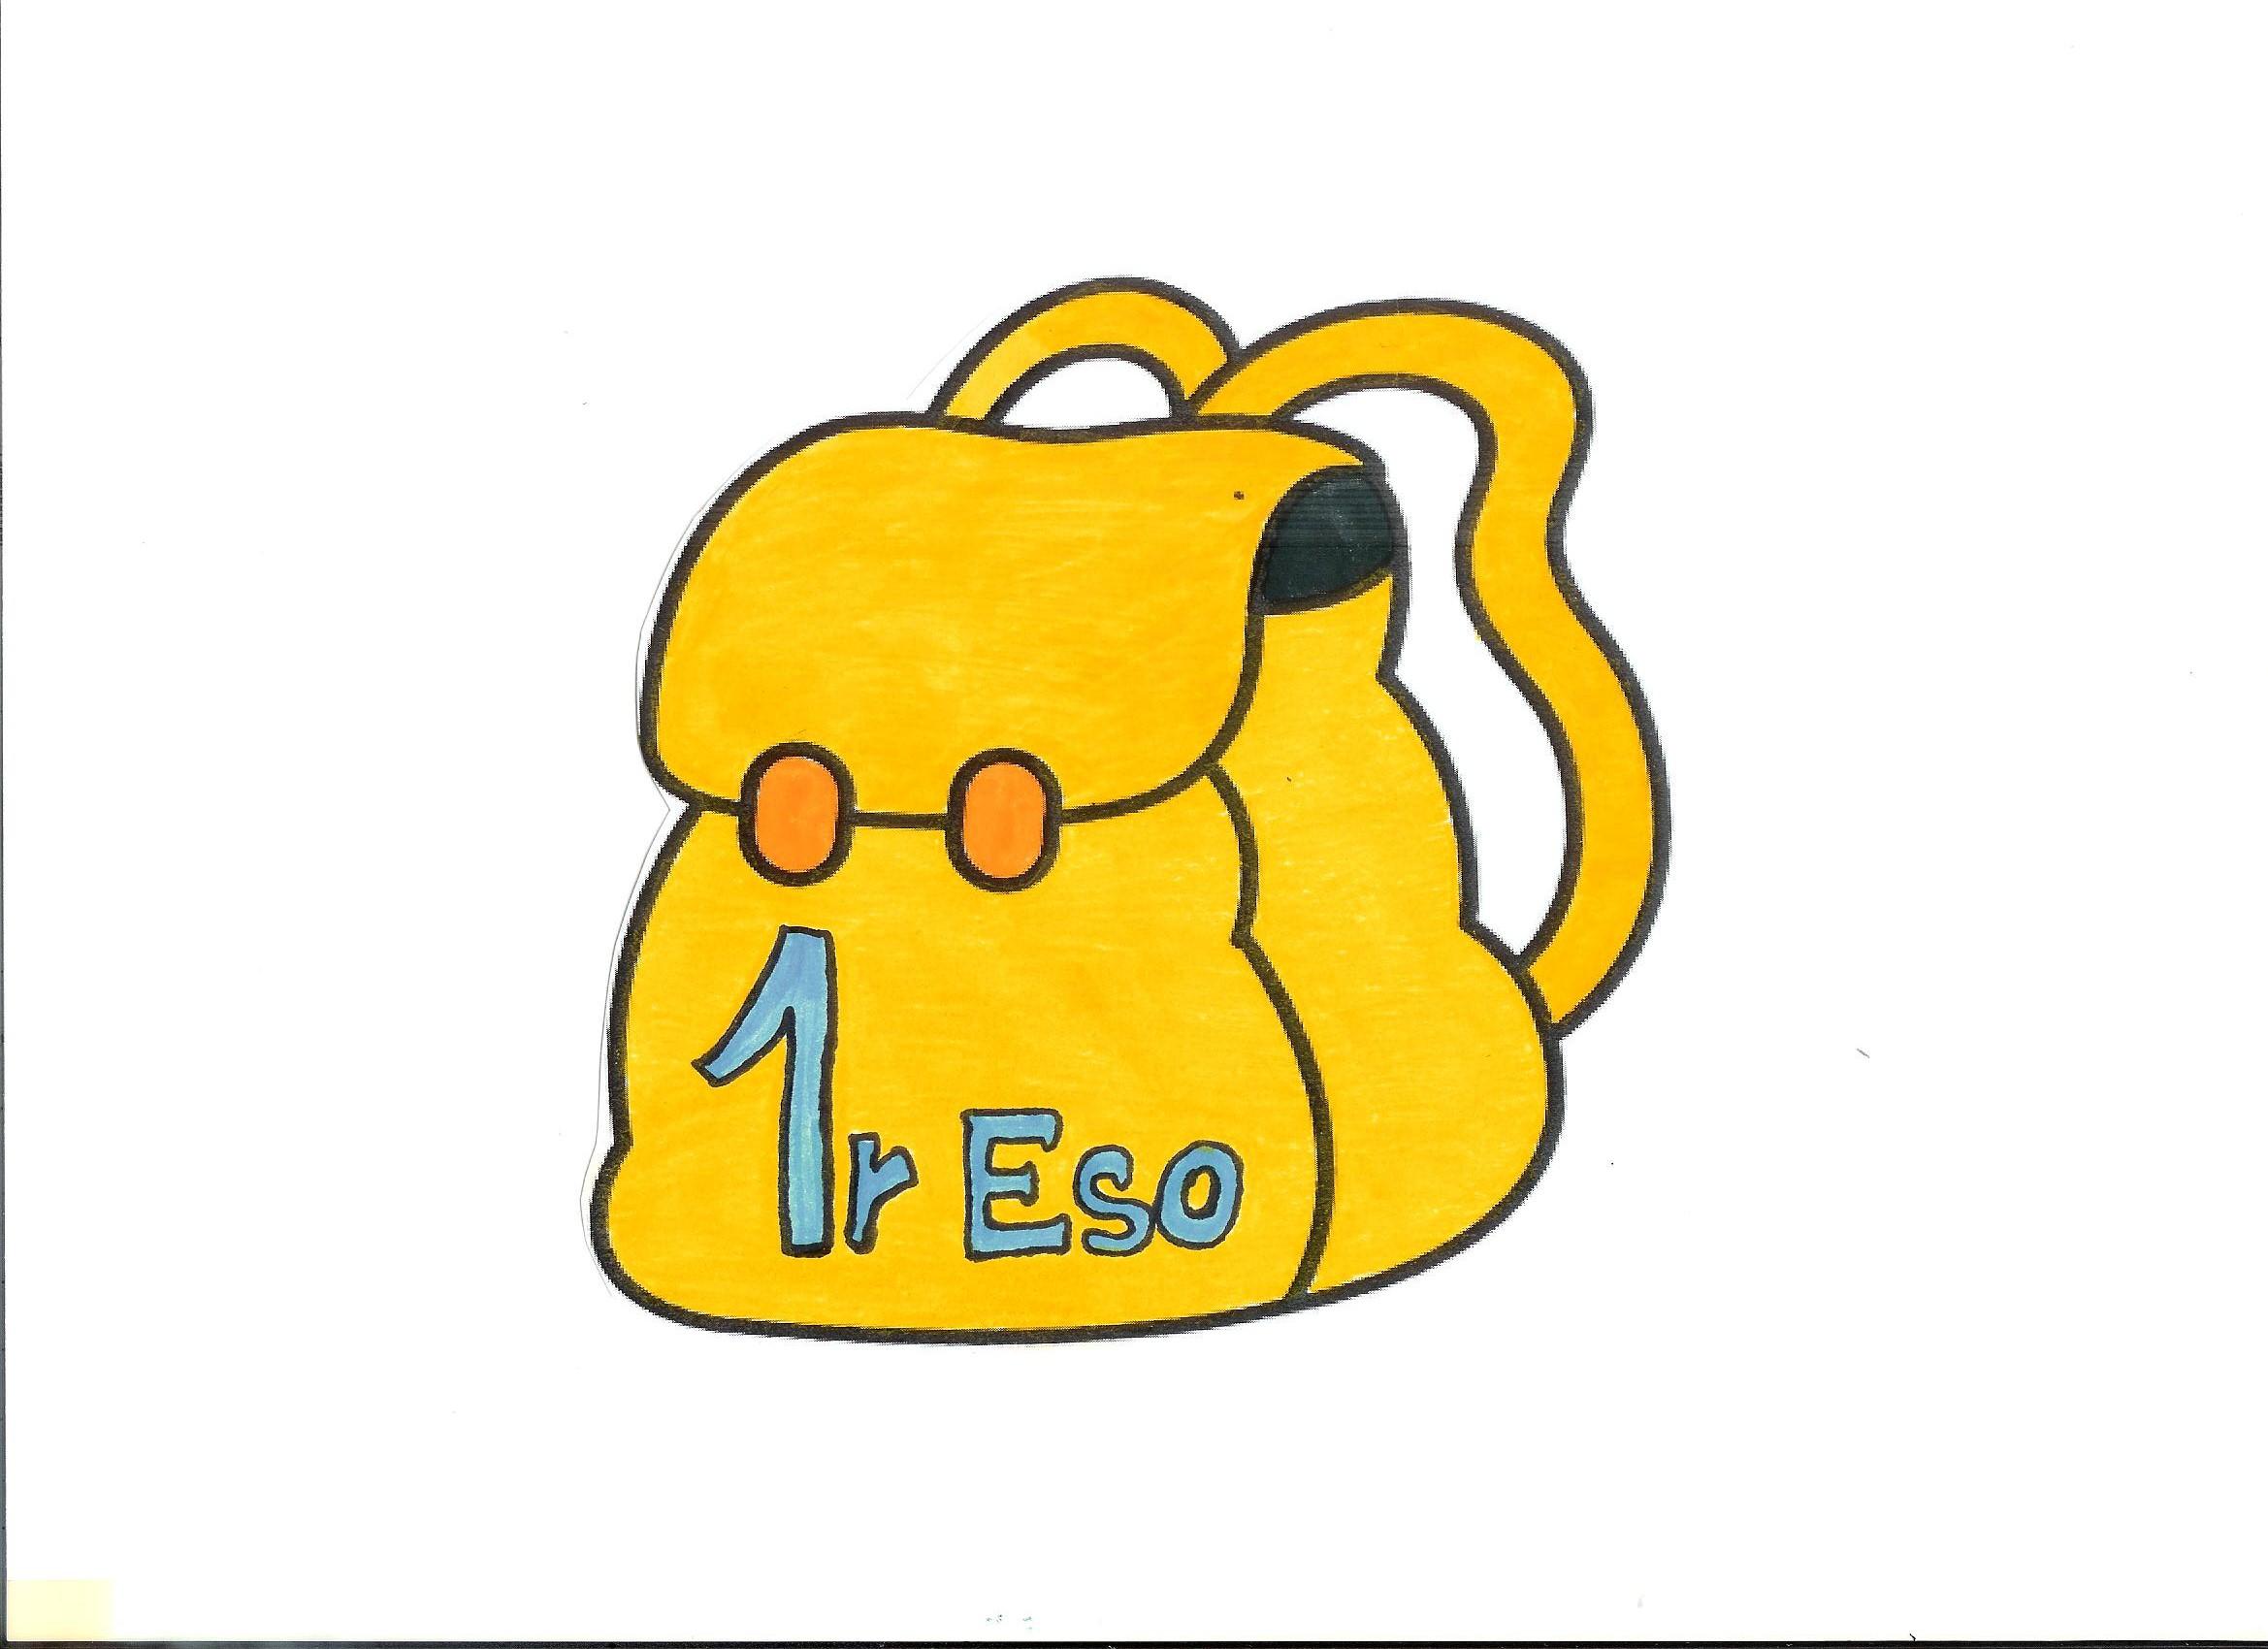 1r ESO